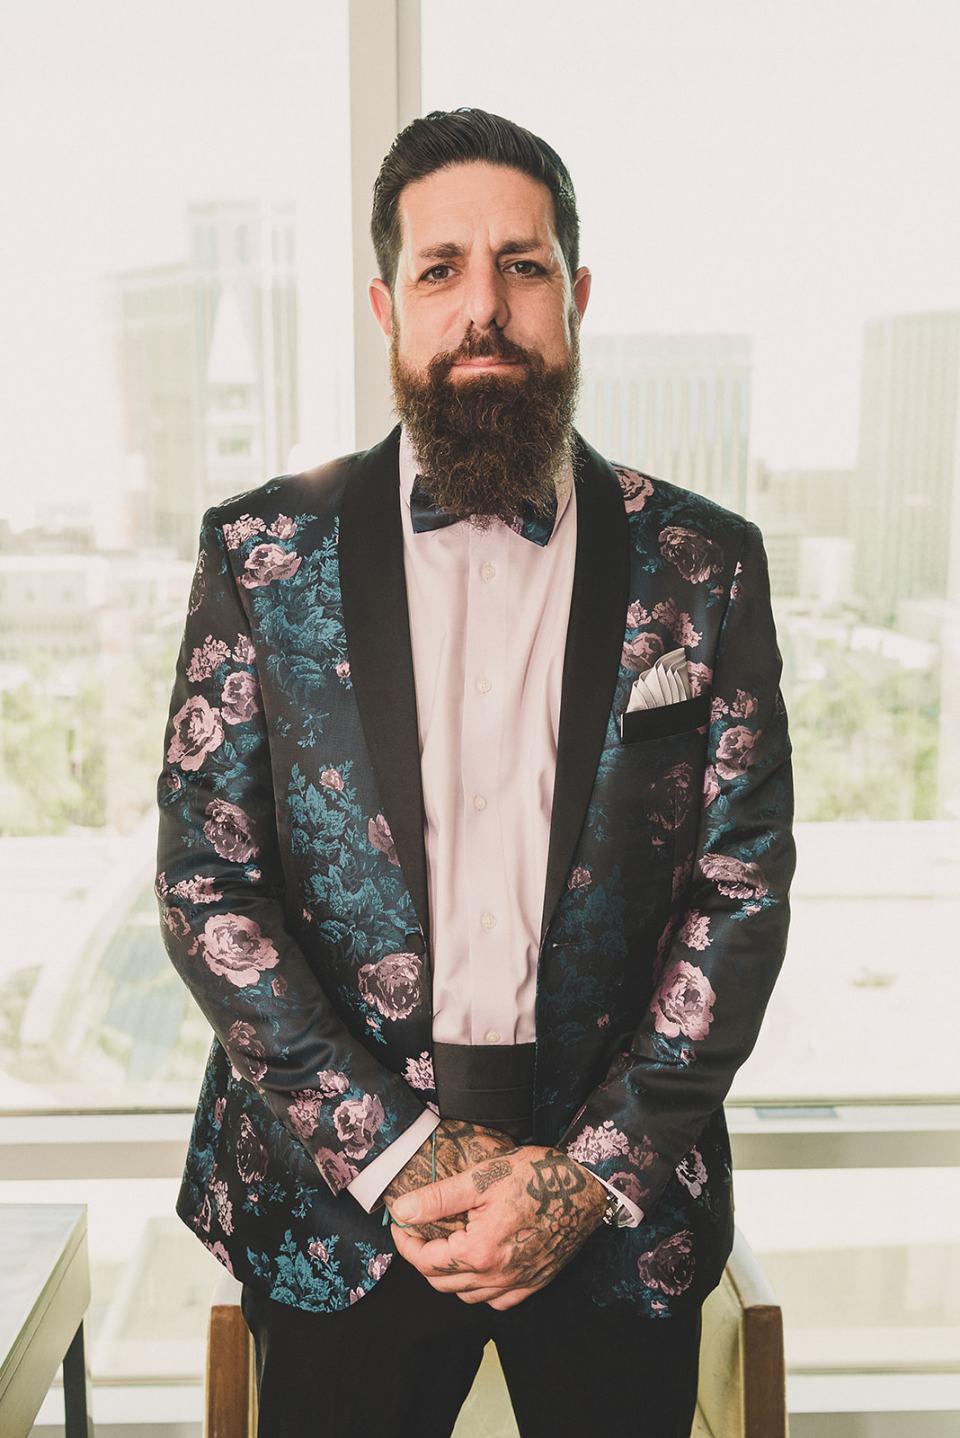 groom in custom suit jacket poses before Las Vegas wedding